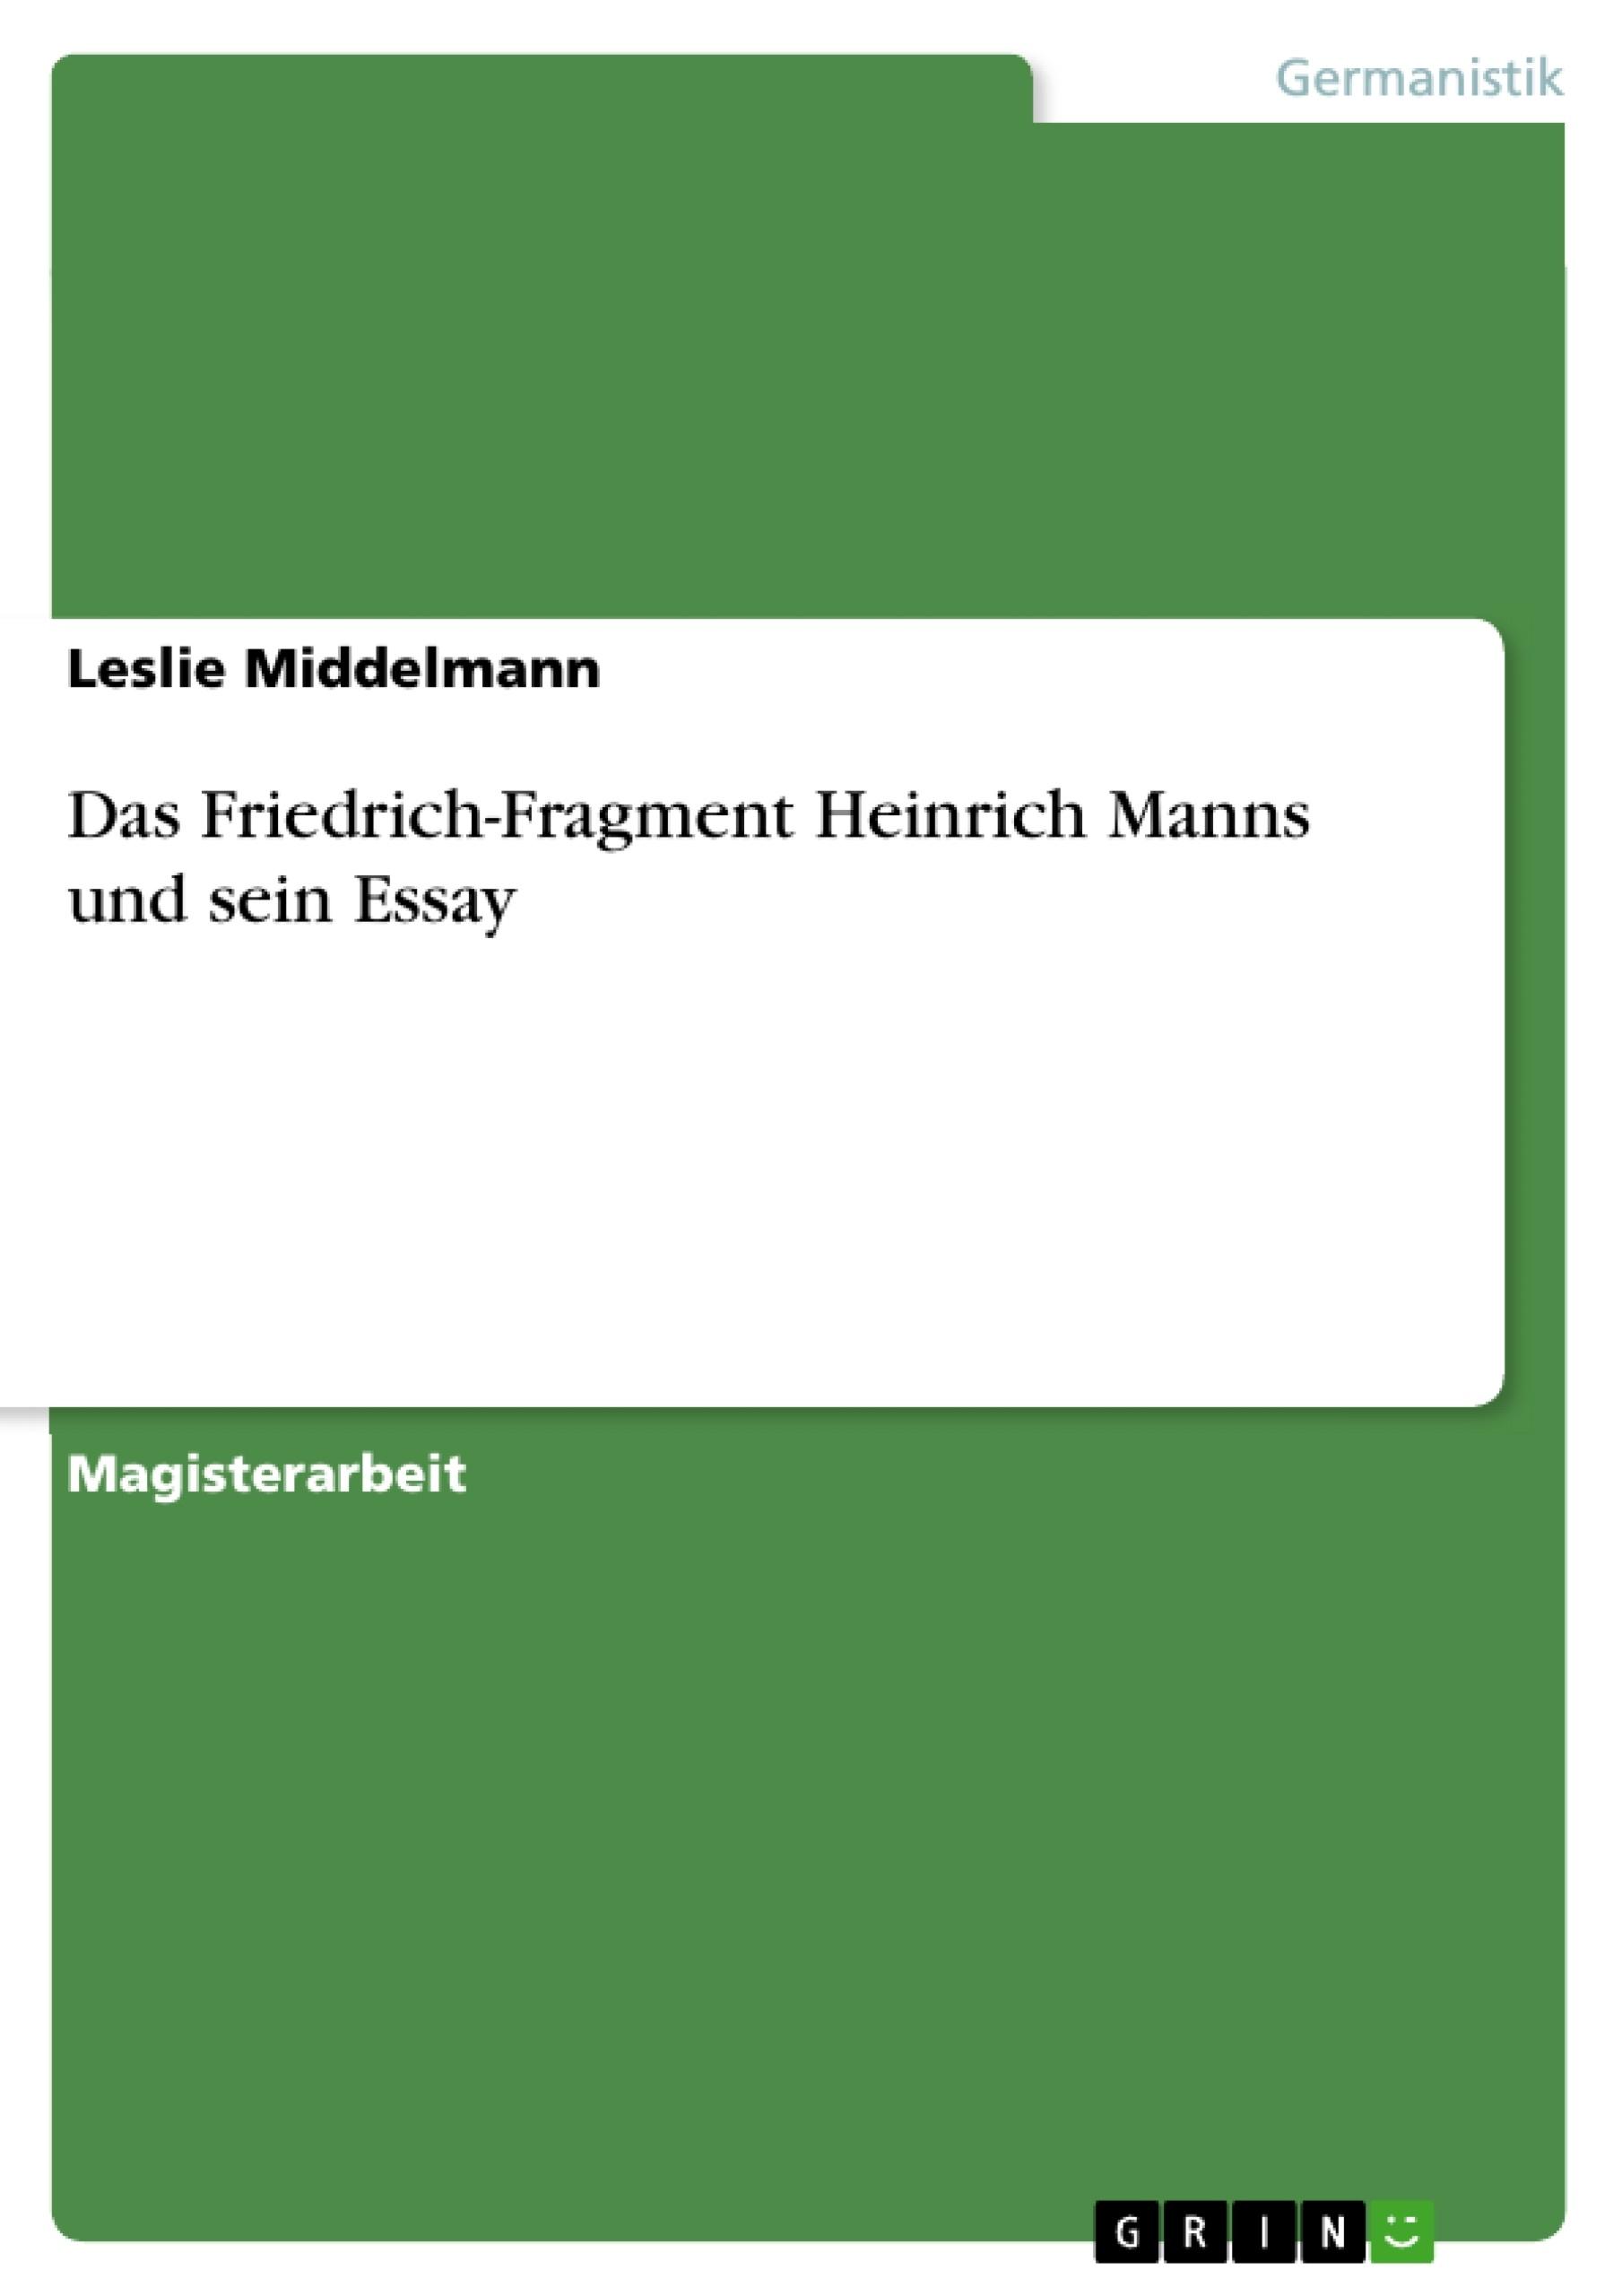 Titel: Das Friedrich-Fragment Heinrich Manns und sein Essay